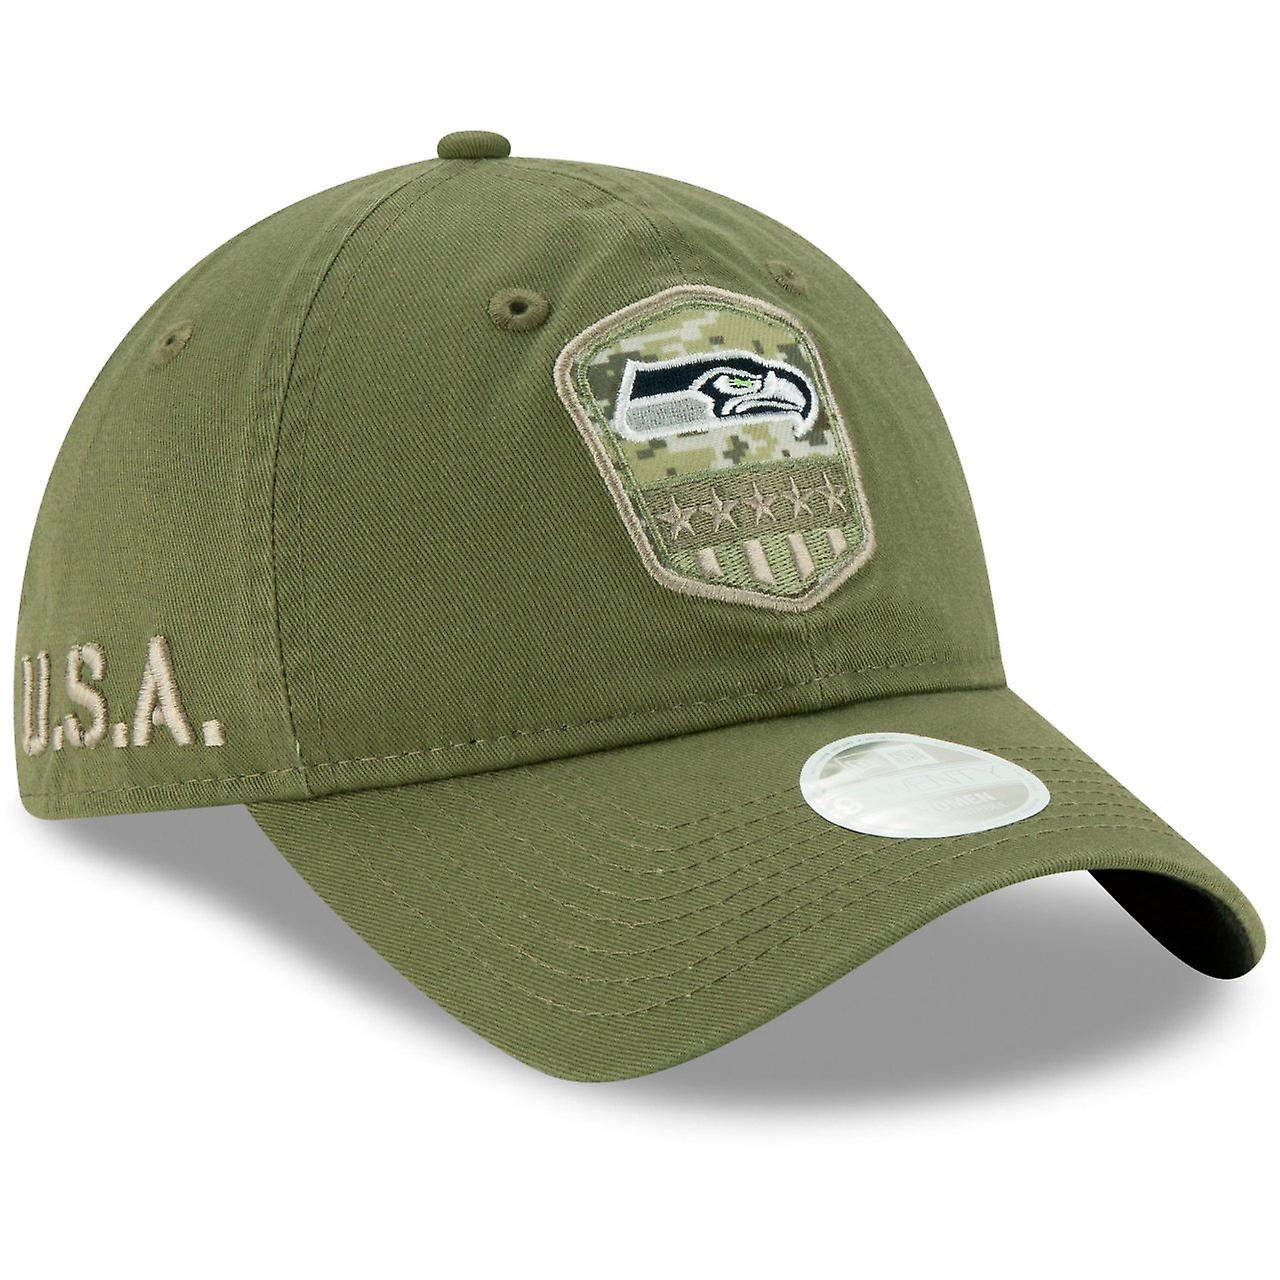 STS Seattle Seahawks New Era 9Twenty Damen Cap